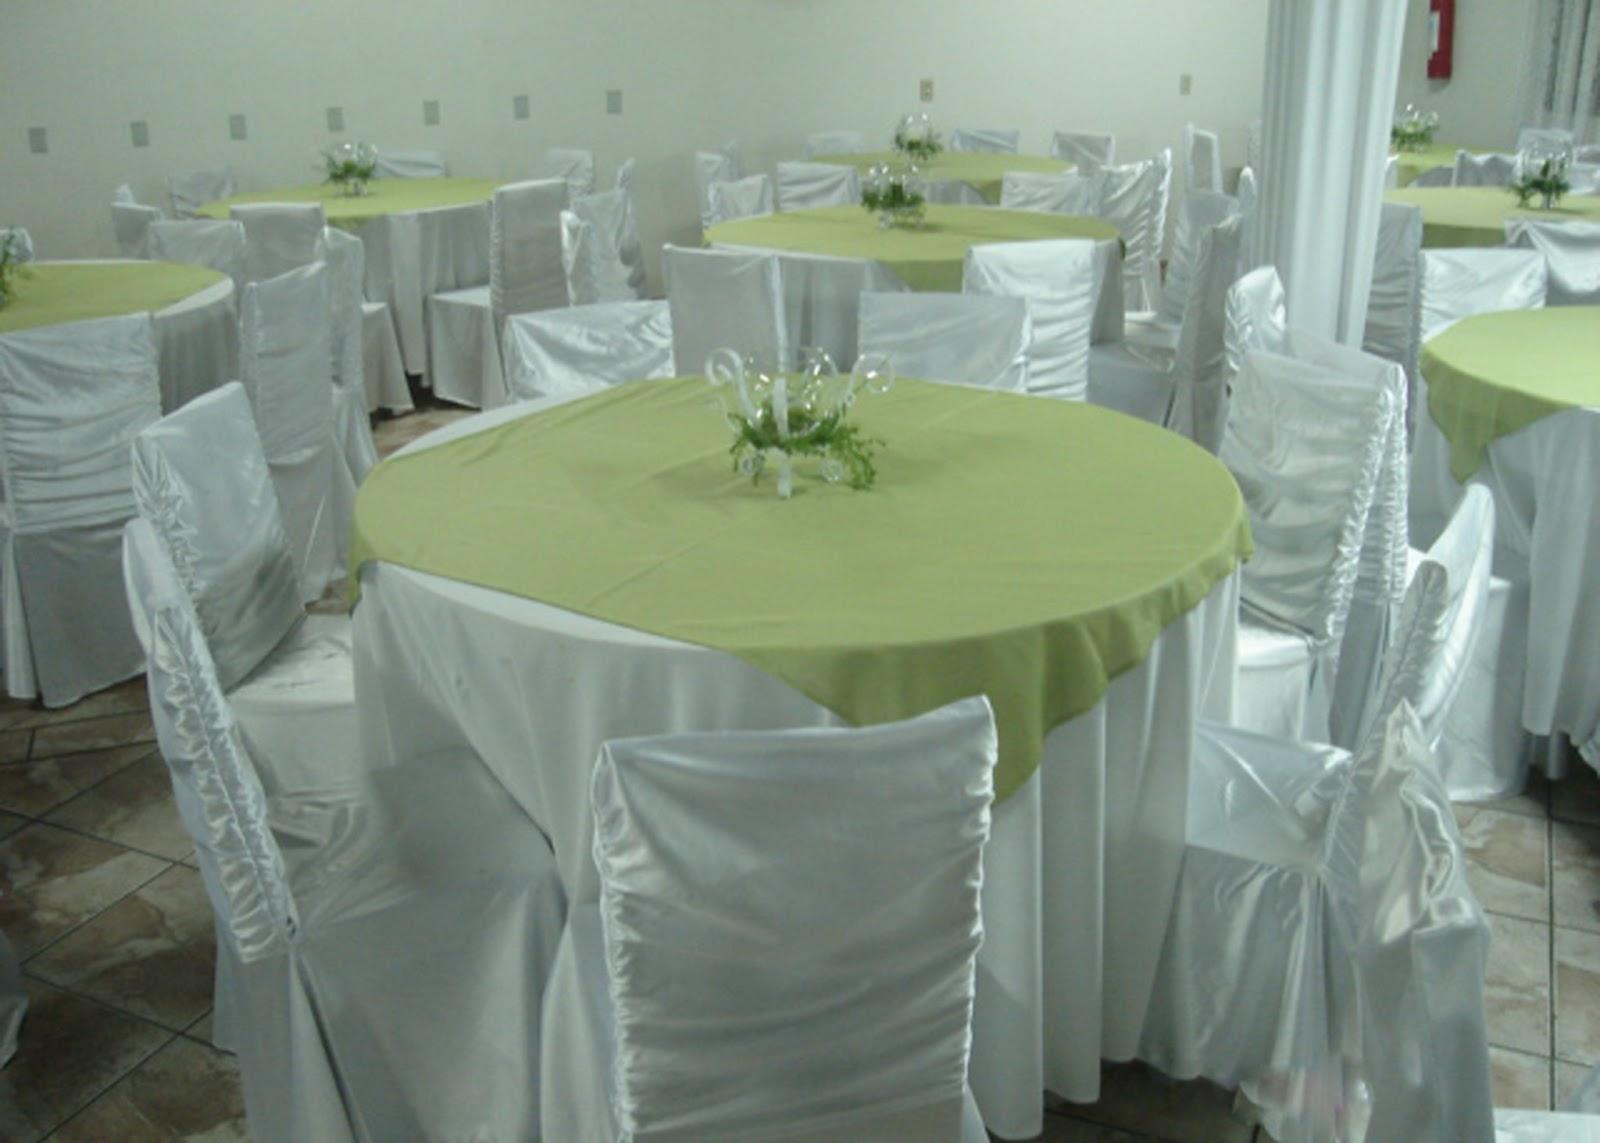 +de+mesa,arranjos+para+mesa,fotos+de+mesa+para+casamento,fotos+de